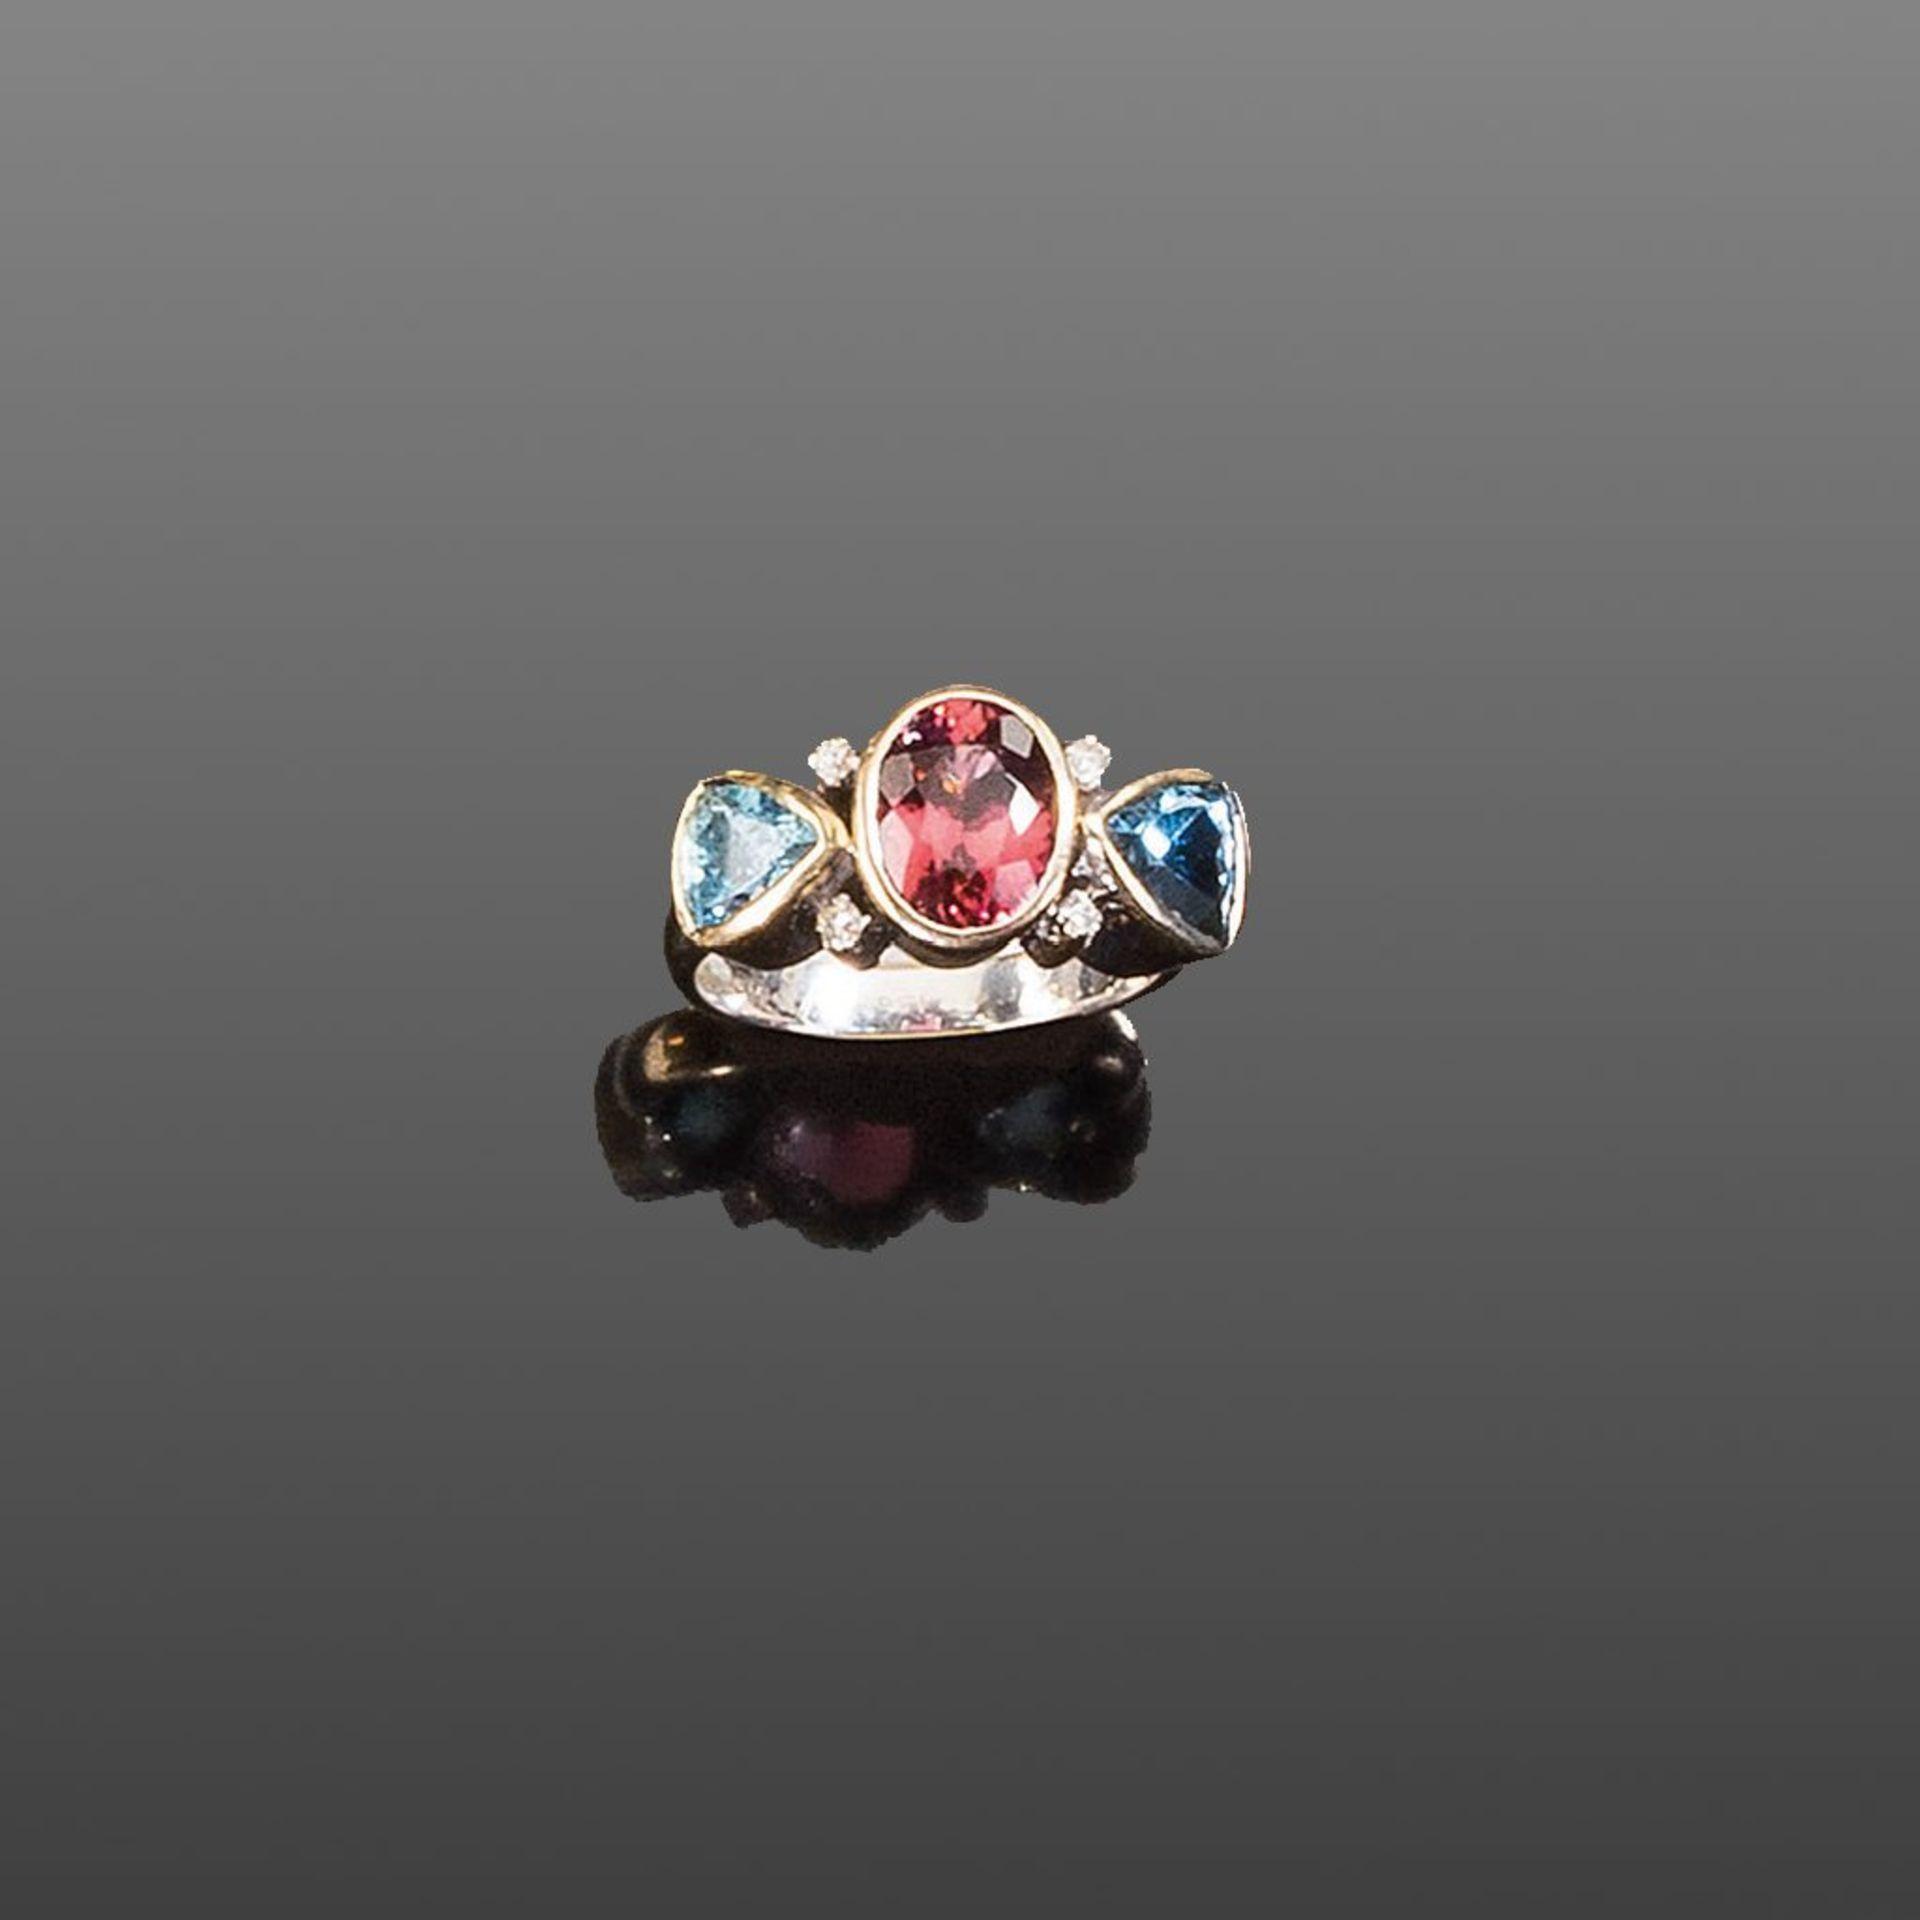 Feiner Farbsteinring. Ovaler roter Turmalin. Zwei tropfenförmige Aquamarine. Vier kleine Brillanten.